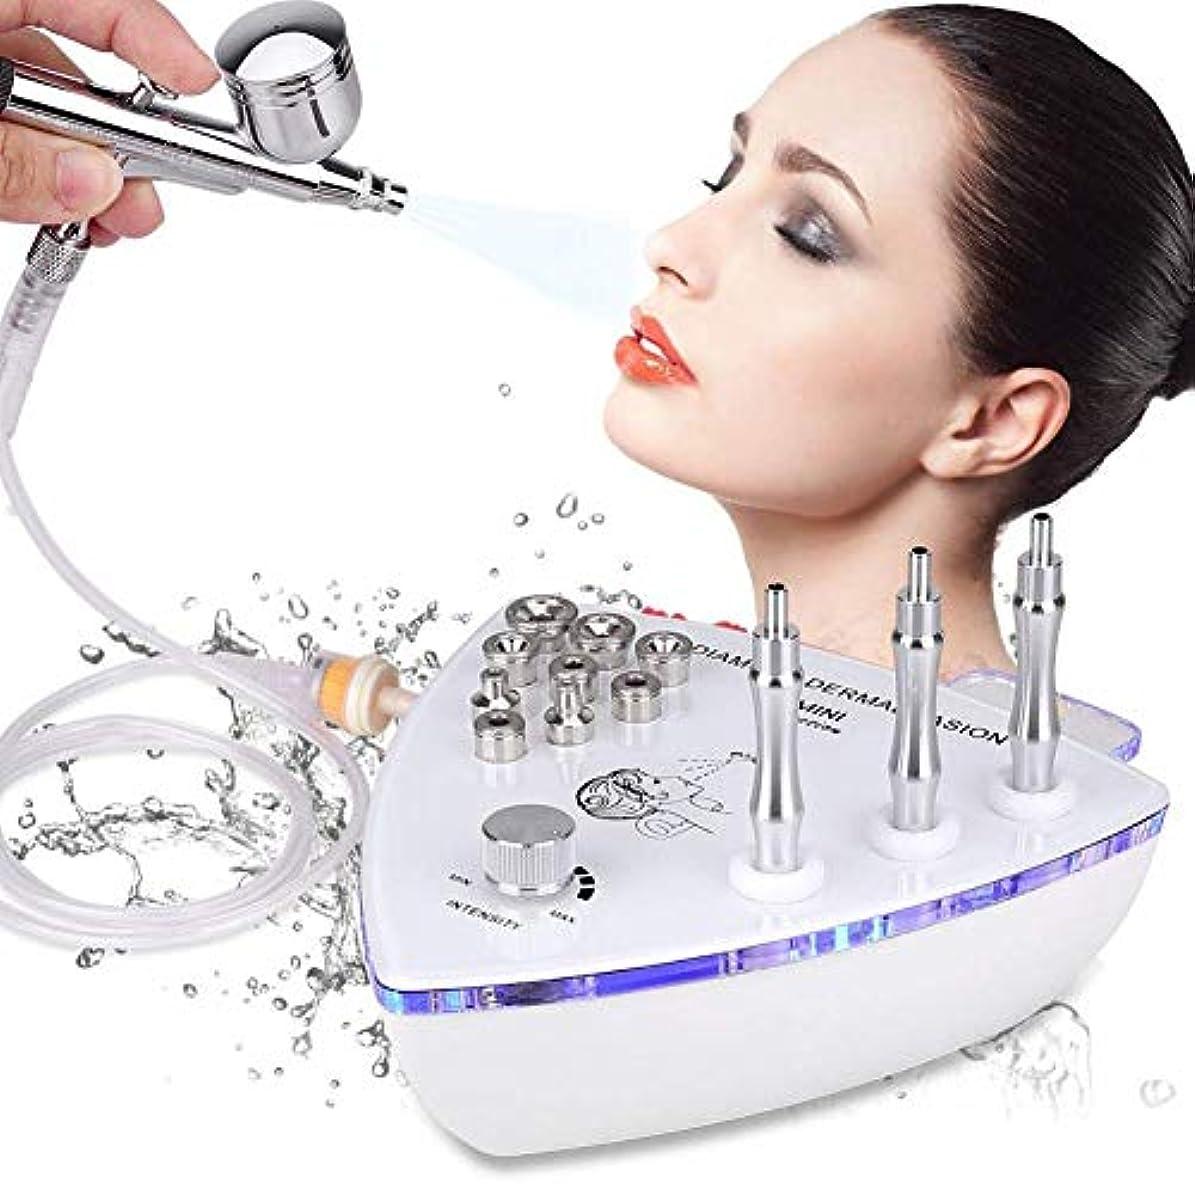 件名卵ルーチンスプレーガン水と美容機器 - ダイヤモンドマイクロダーマブレーション皮膚剥離機は真空吸引剥離フェイシャルマッサージ、しわフェイスピーリングマシン、顔の皮膚剥離装置スプレー